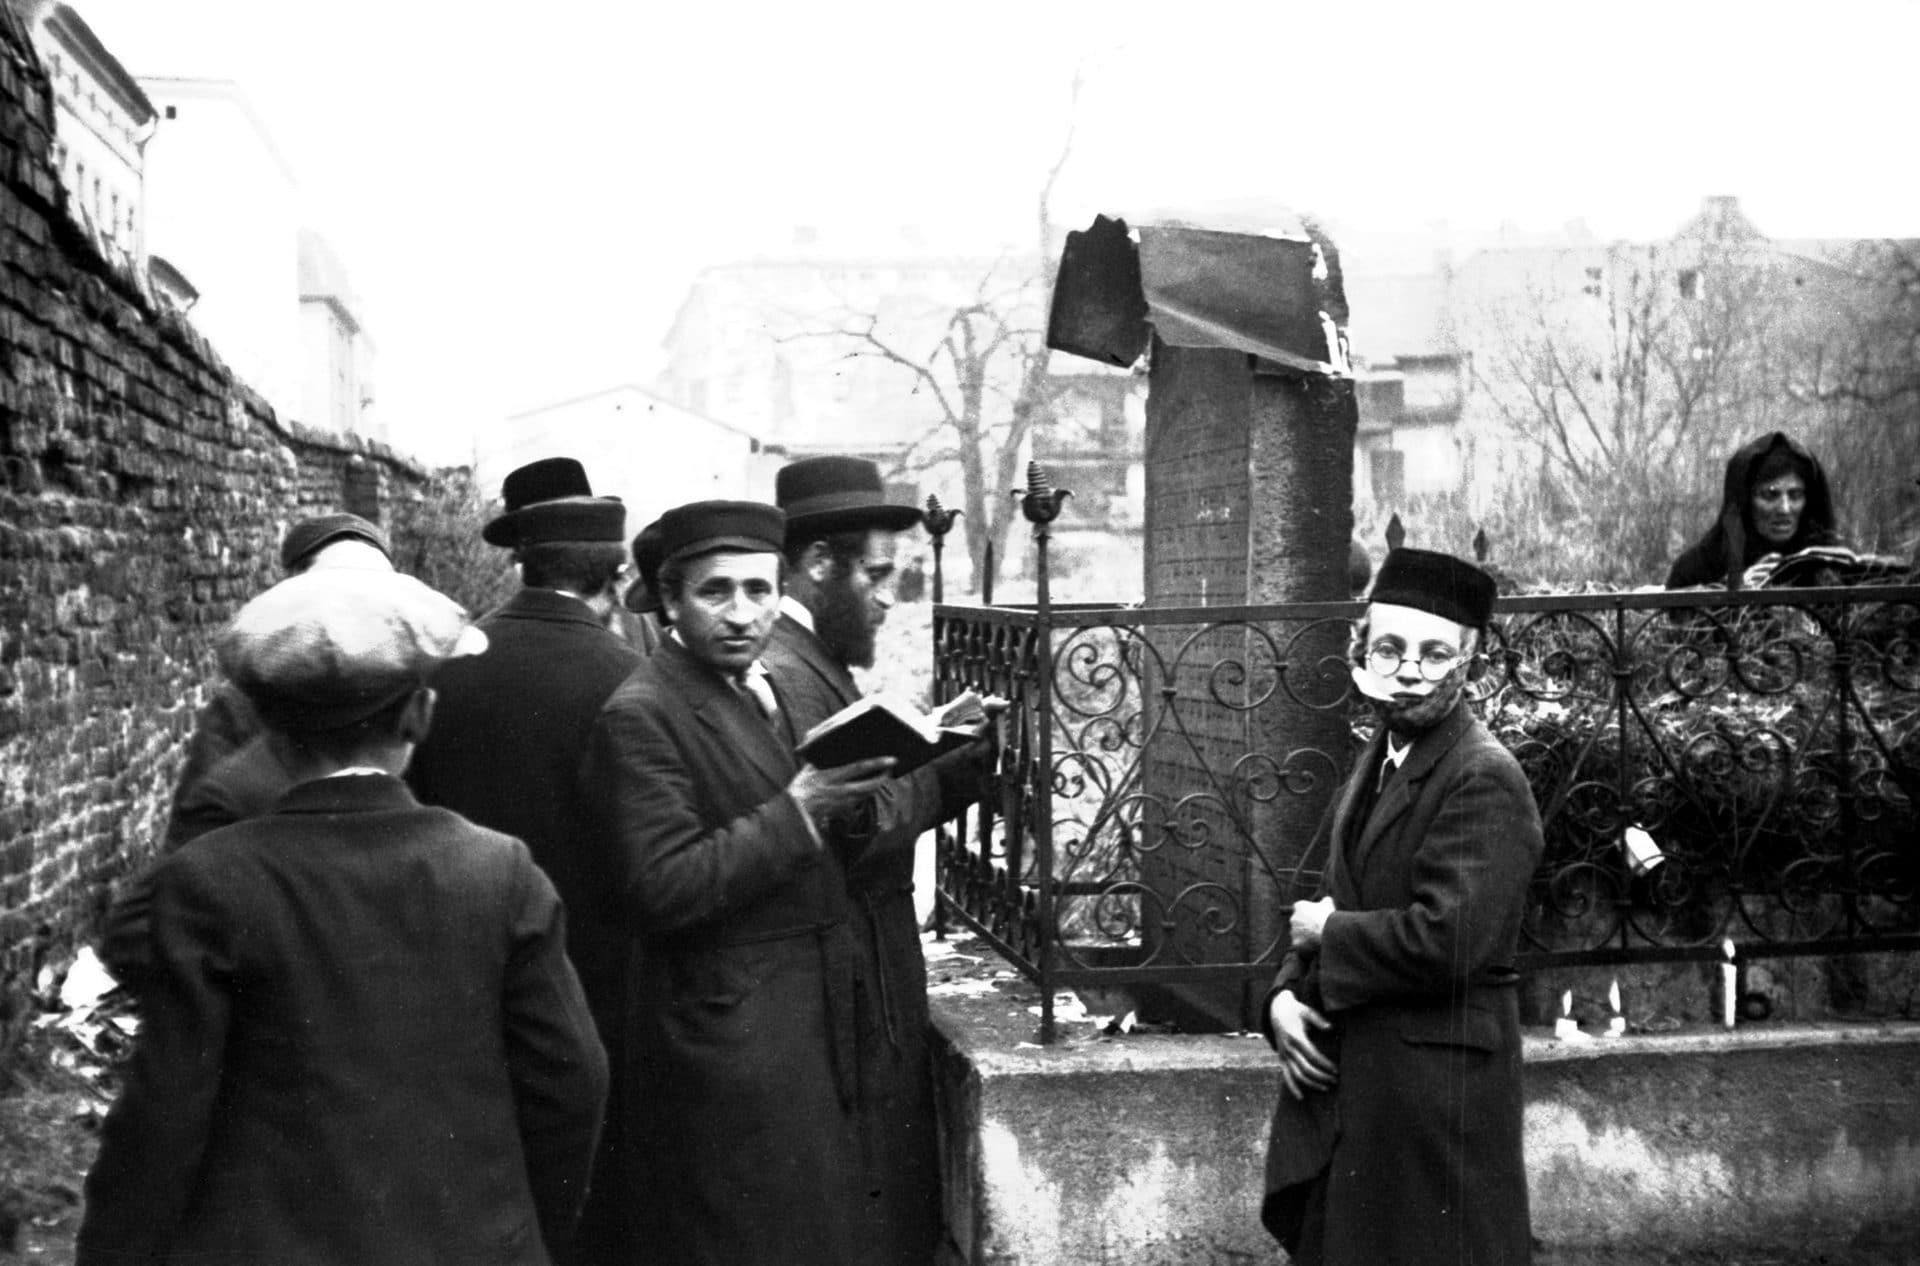 Święto rabina ReMU w 1931 roku. Modlitwa przy macewach.